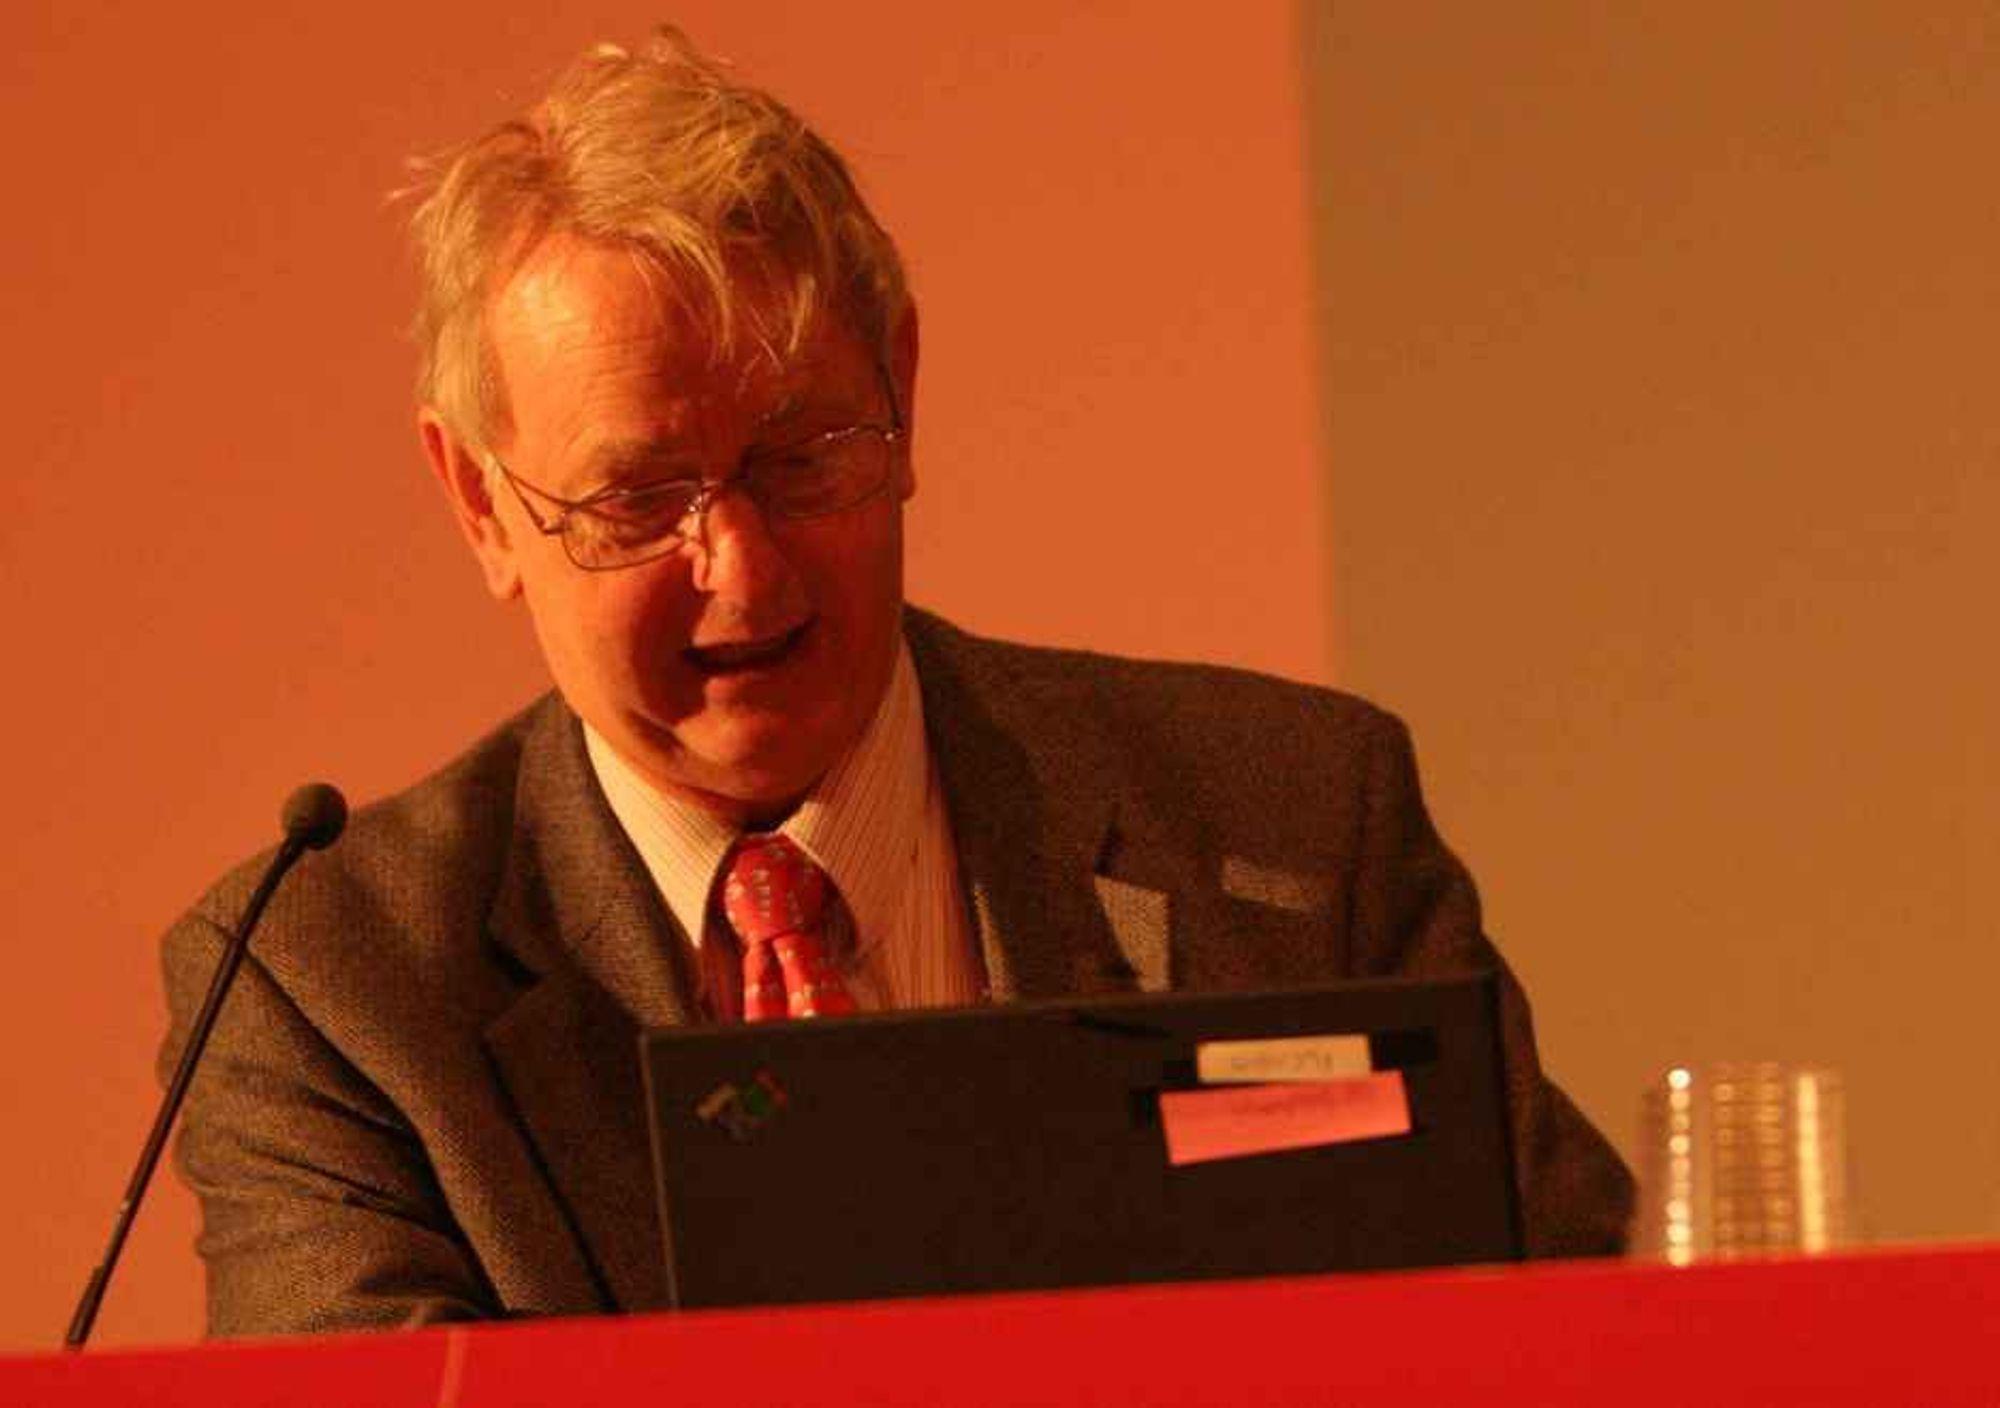 IKKE HELT PÅ NETT: Skal vi se...her har vi det snart...men det er jo ikke nettdekning. Dekanus Arne Sølvberg ved NTNU hadde heller ikke kontakt med Trådløse Trondheim under sitt åpningsforedrag under NOKIOS-konferansen i dag.